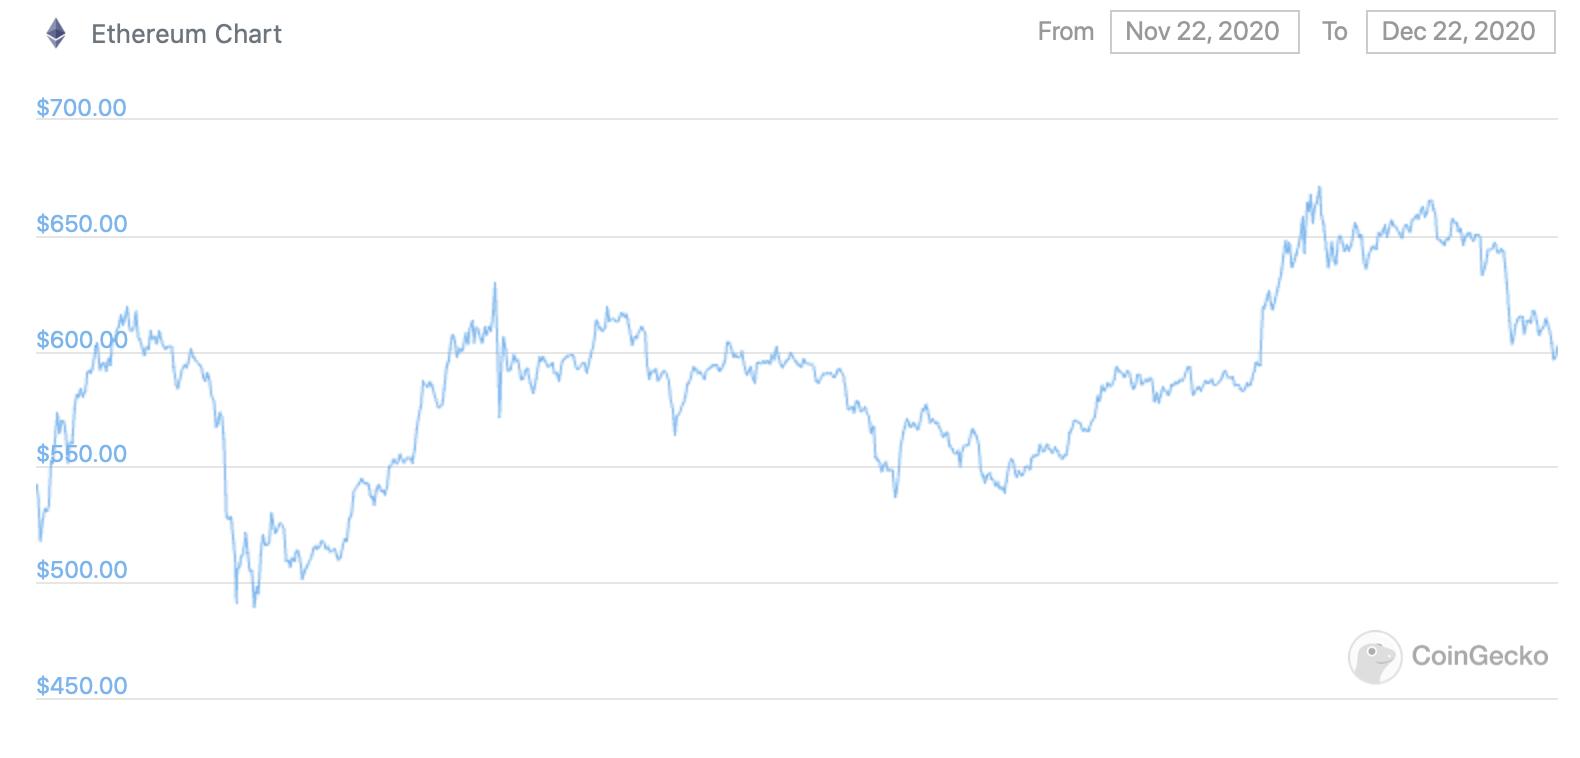 График курса Эфириума за последний месяц